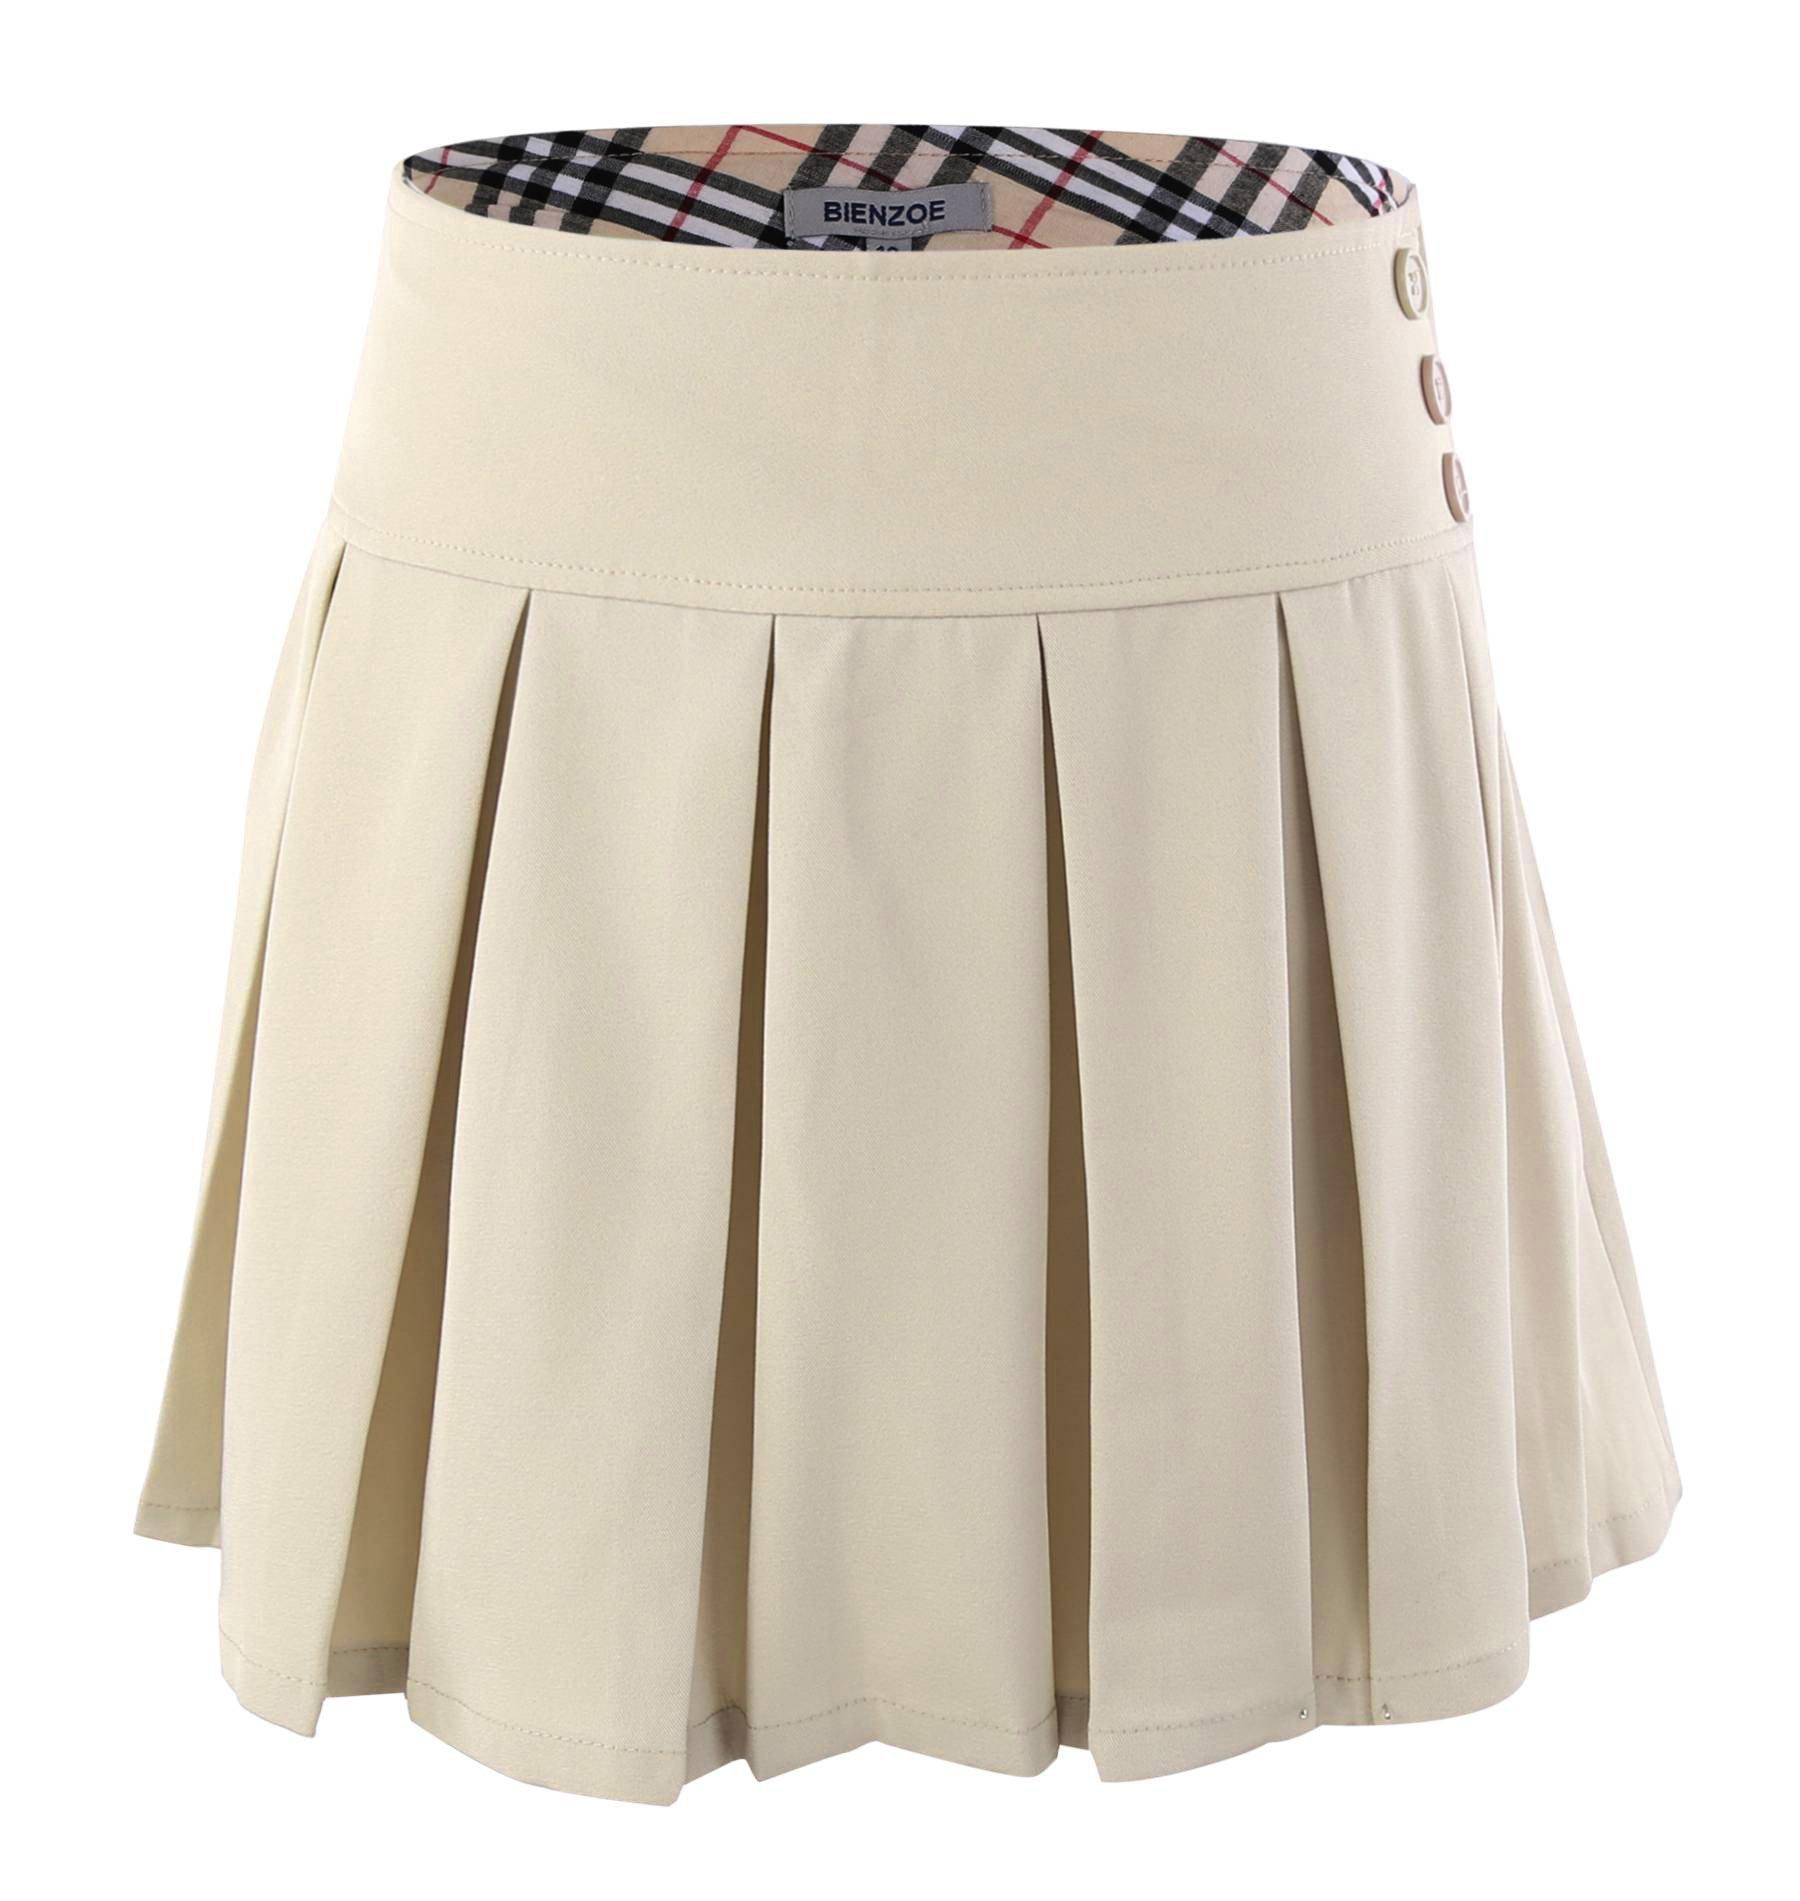 Bienzoe Girl's Stretchy Pleated Adjustable Waist School Uniforms Skirt Khaki 12 by Bienzoe